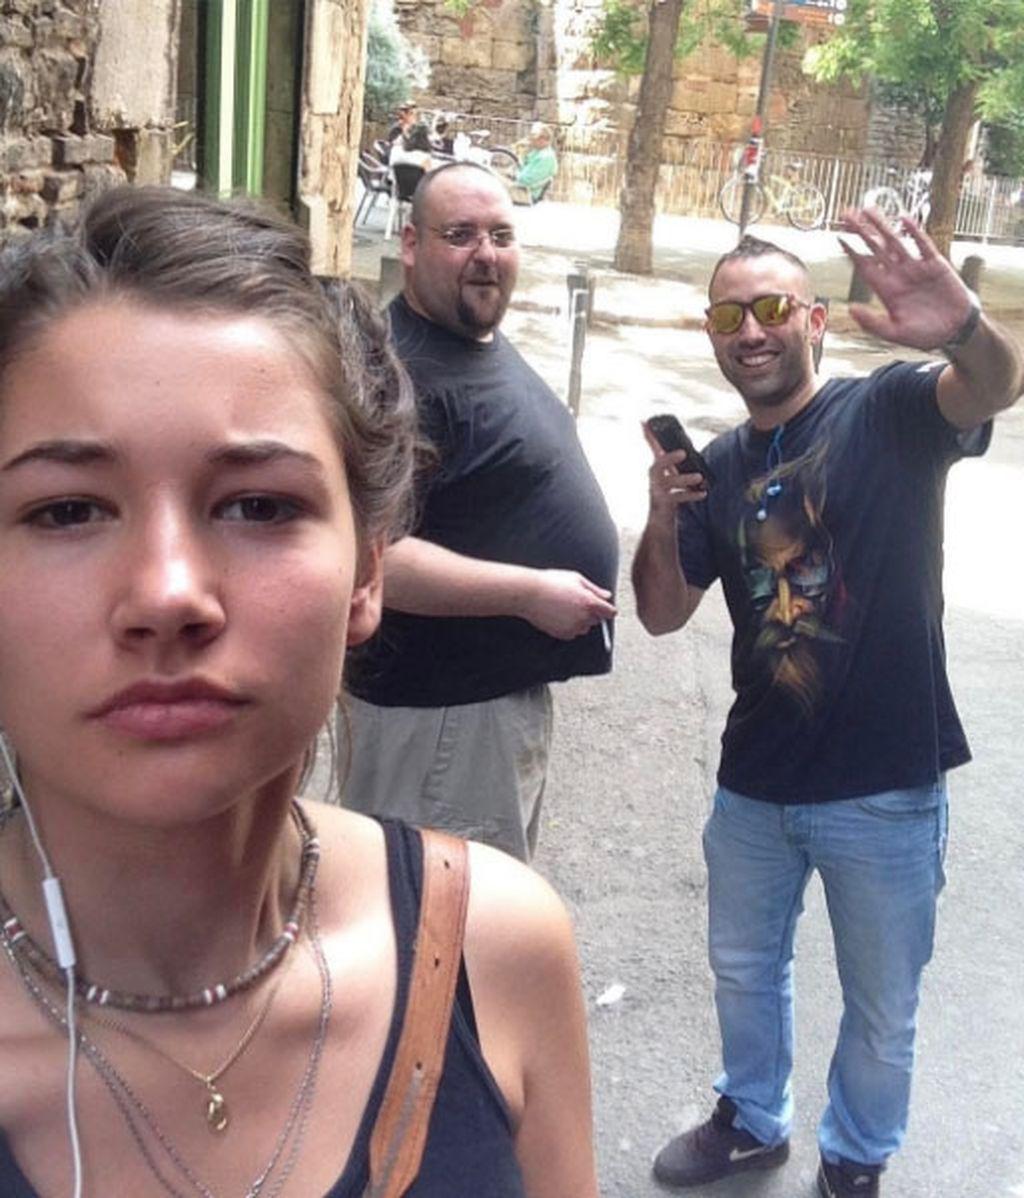 Una chica se hace fotos con sus acosadores para denunciarles públicamente